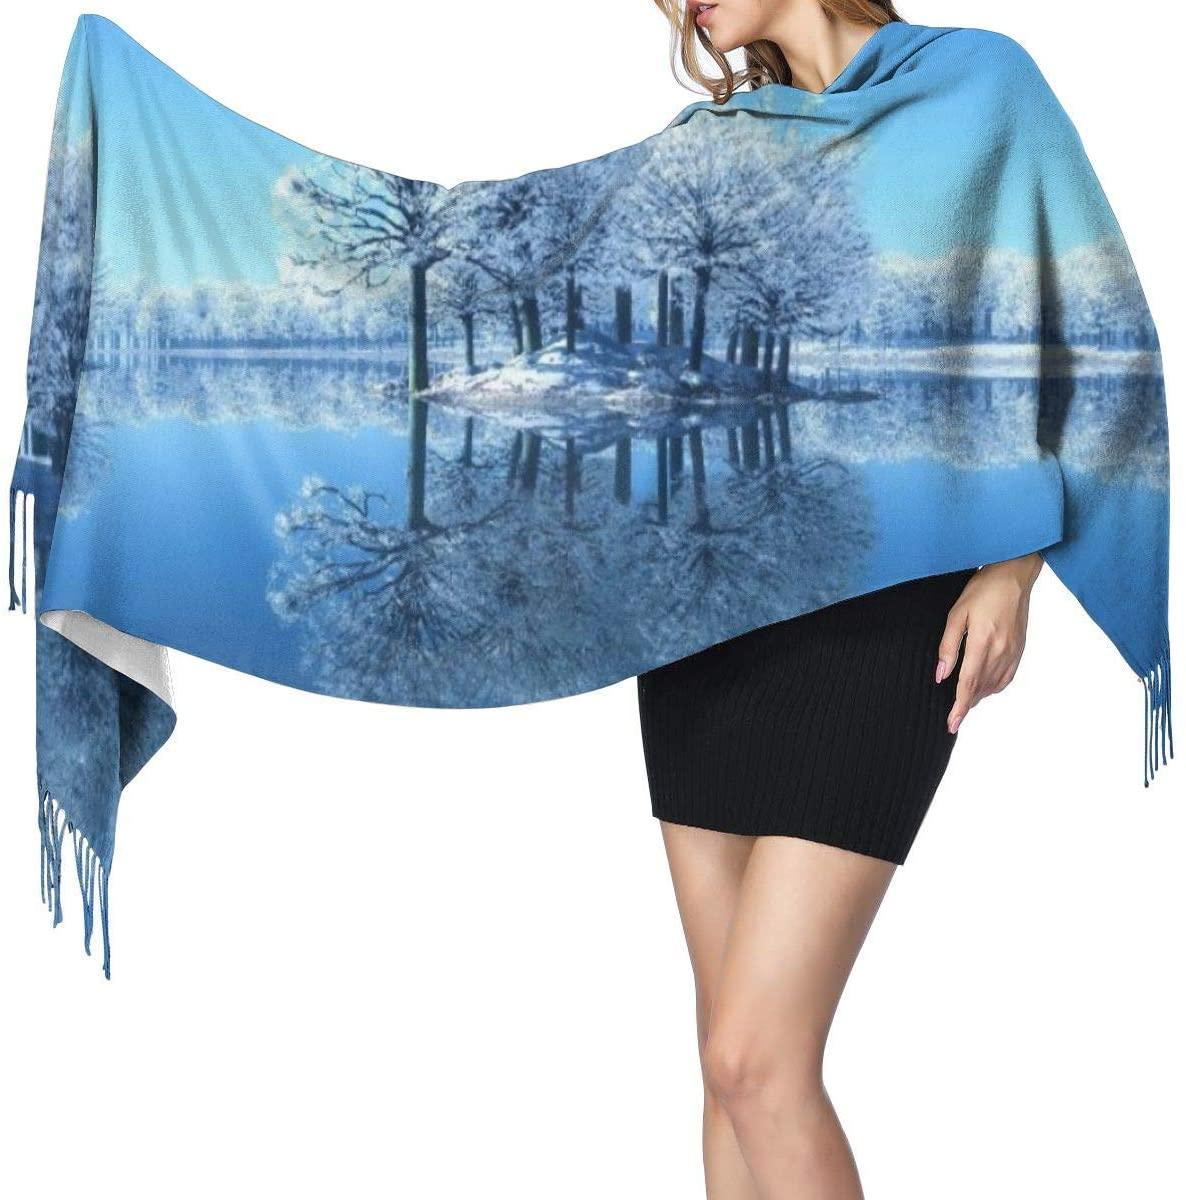 NOT Snow Scene Fashion Long Large Soft Cashmere Shawl Wrap Imitation Cashmere